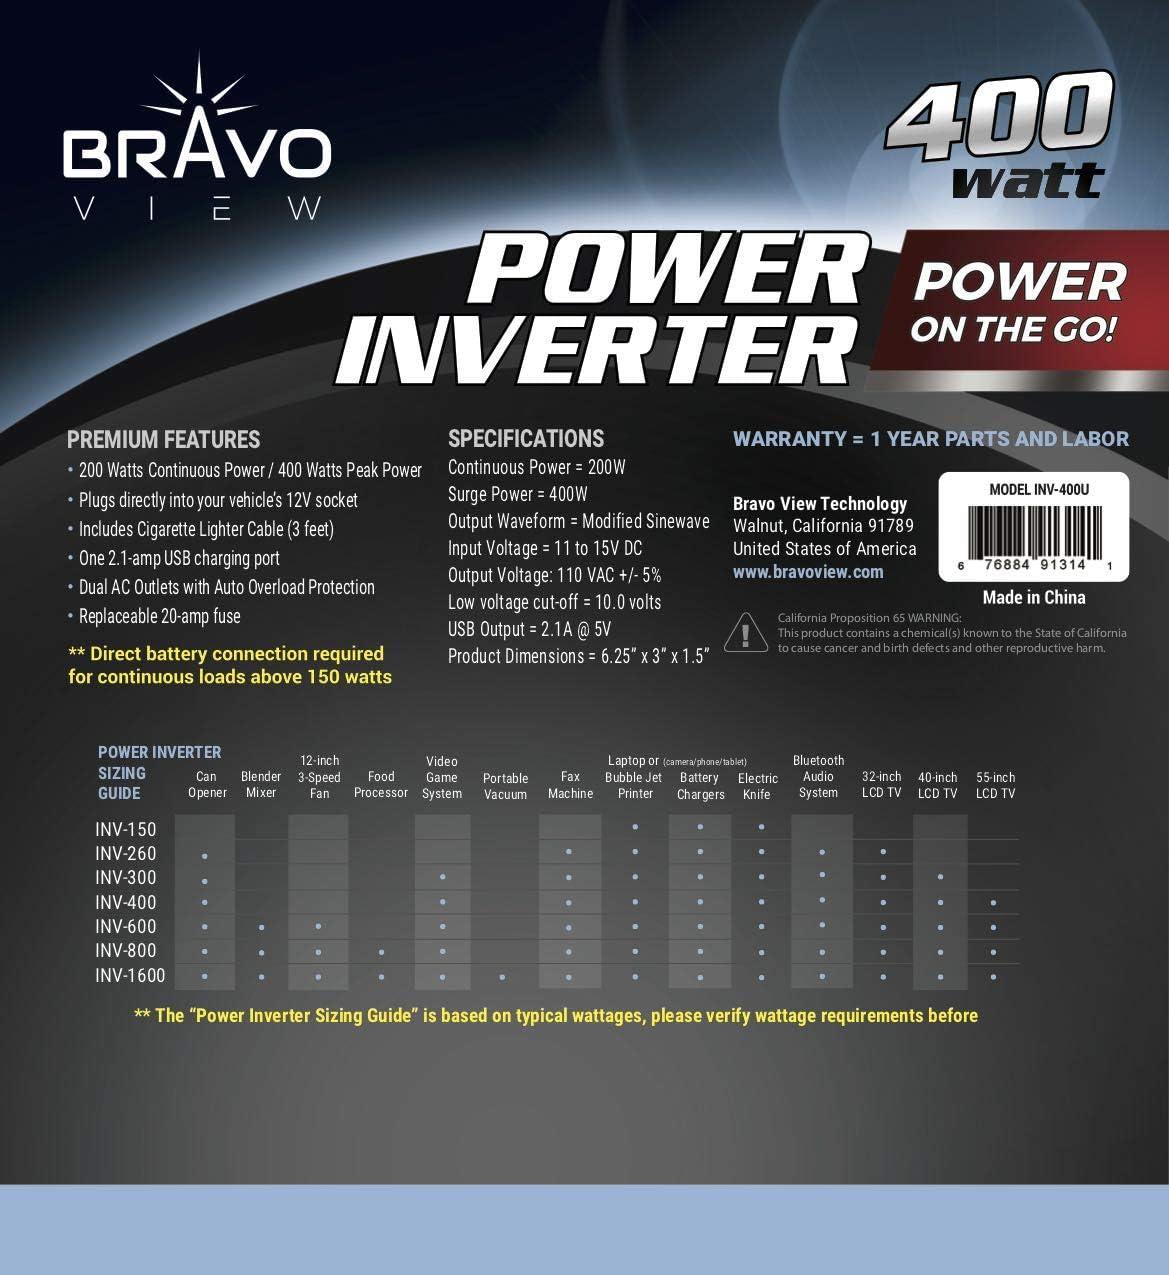 Bravo View INV-400U 400-Watt Power Inverter with USB Charging